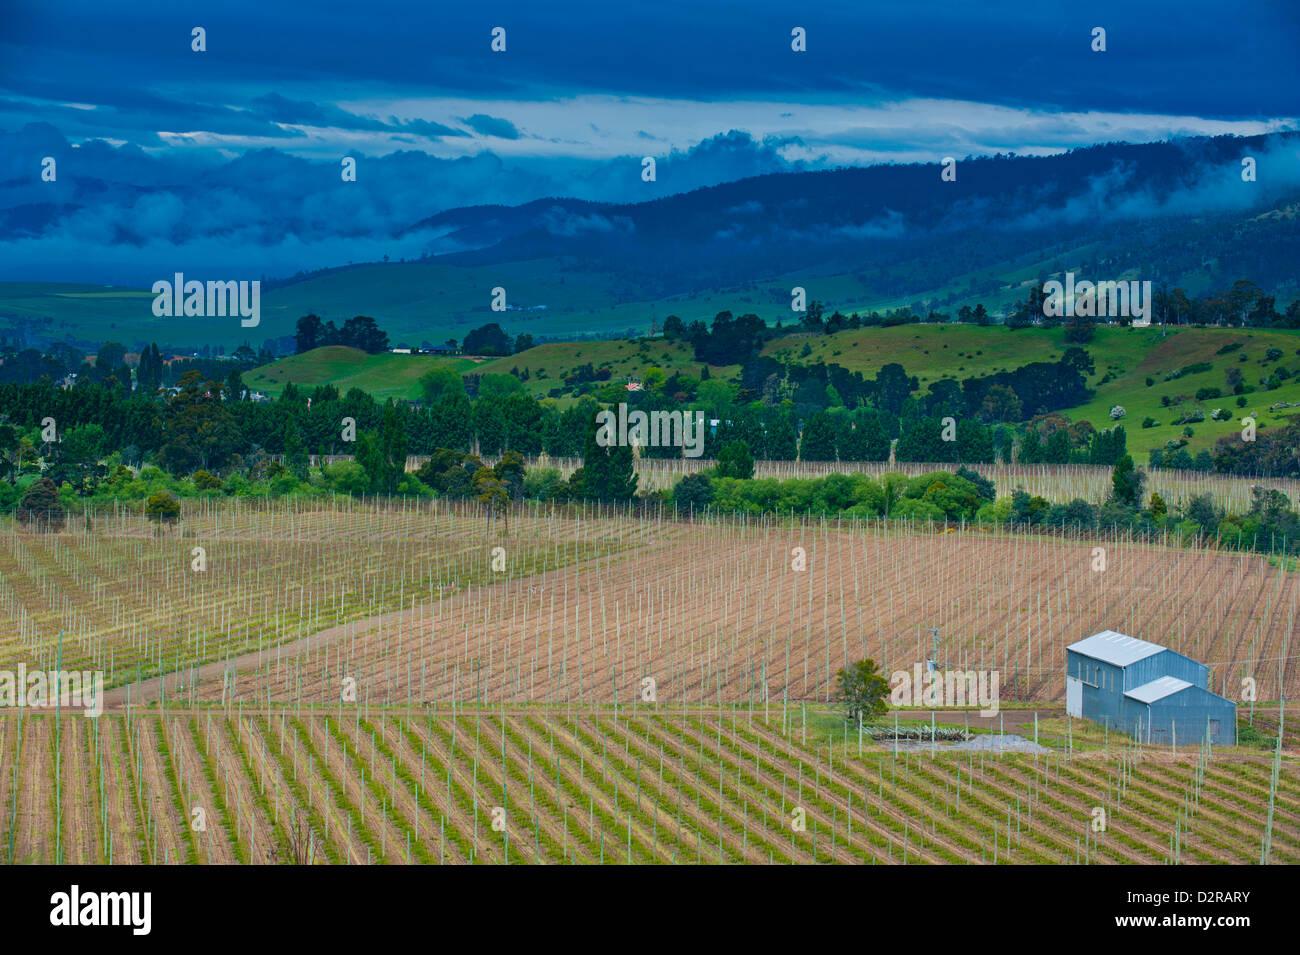 Piccola casa in un campo agricolo in Western Tasmania, Australia Pacific Immagini Stock